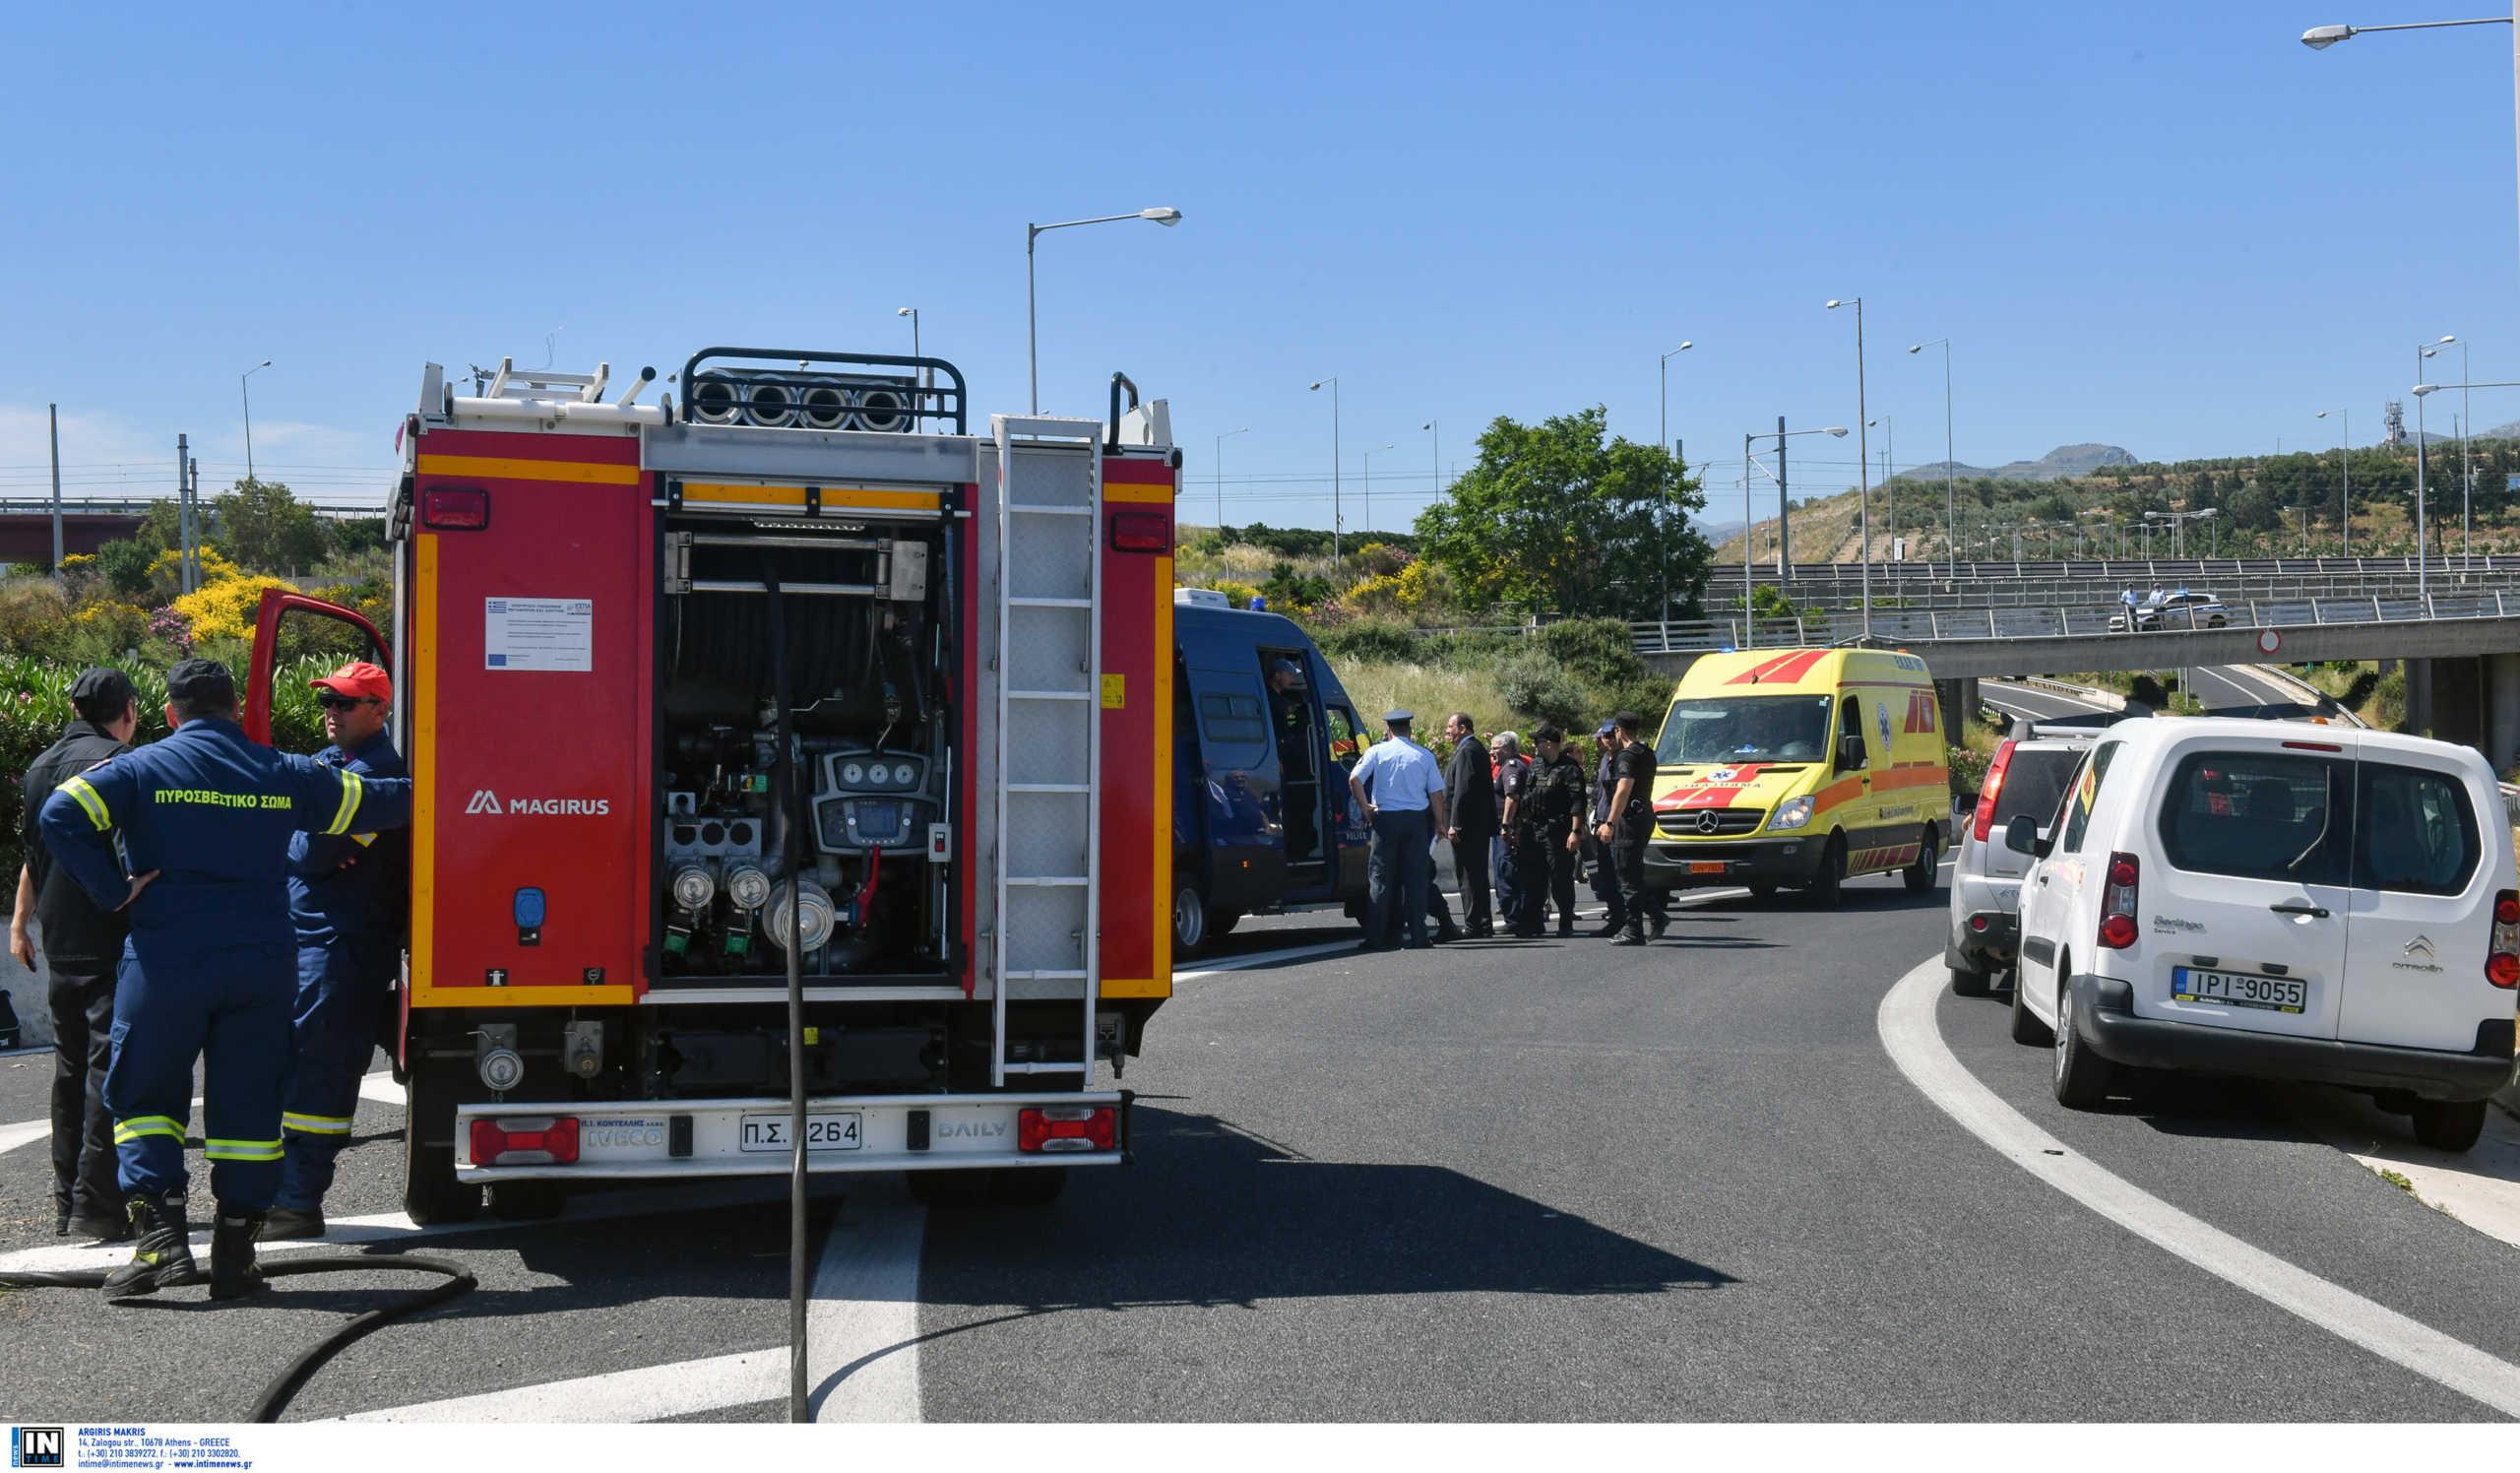 Τροχαίο στην Αθηνών – Κορίνθου με δυο τραυματίες – Μποτιλιάρισμα στον Ασπρόπυργο